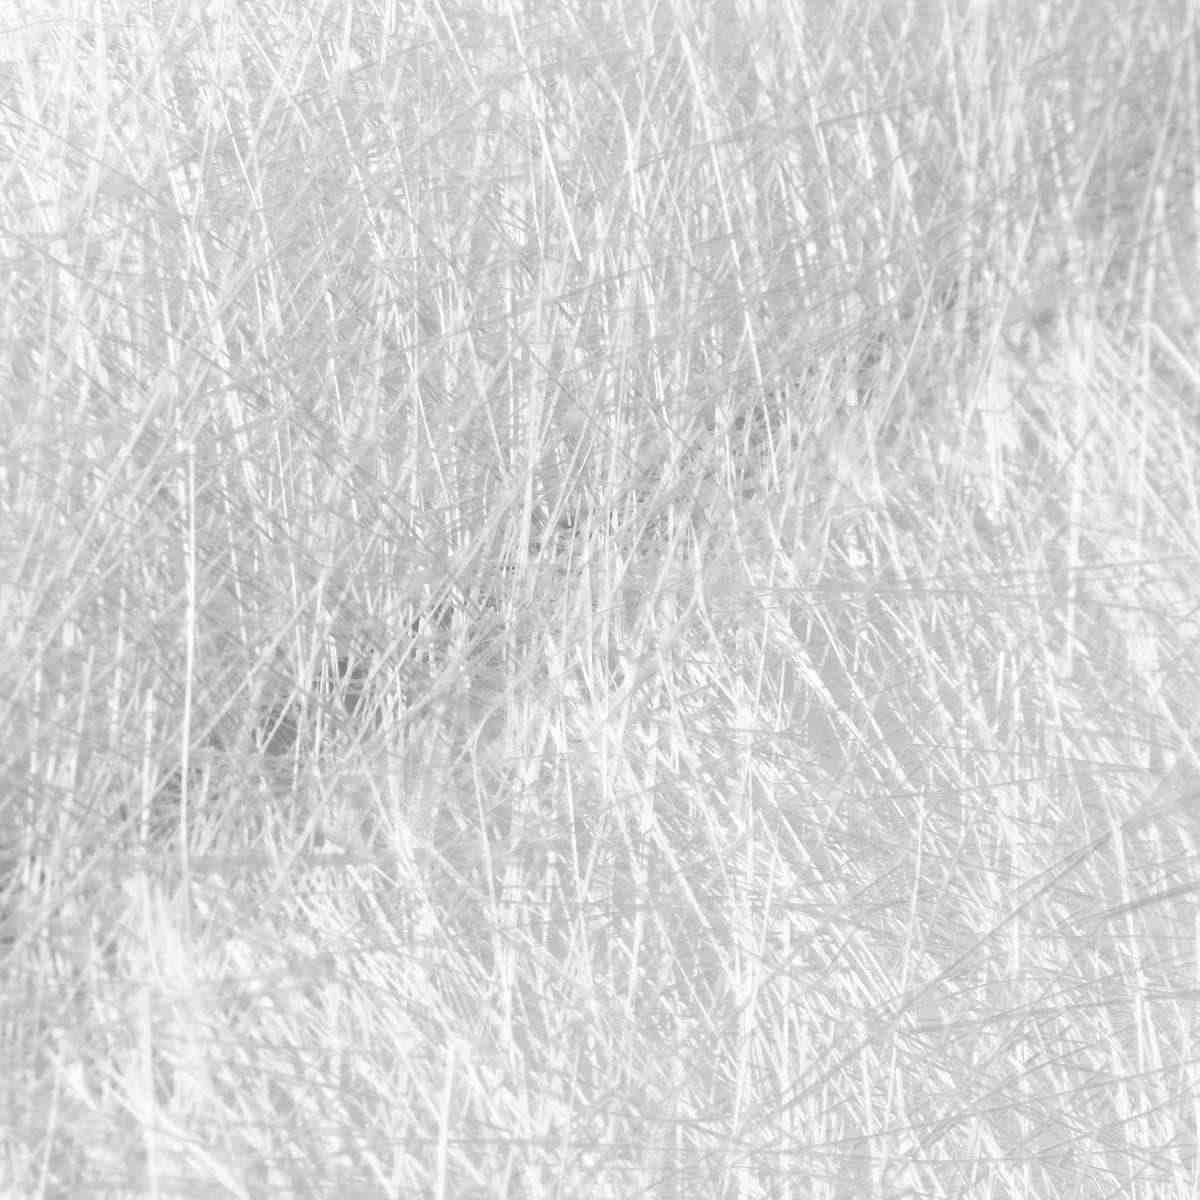 新 1*5m 300gsm グラスファイバーマット繊維ガラス切断繊維布アルカリ送料グラスファイバーみじん切り-ストランド GRP ためマット樹脂